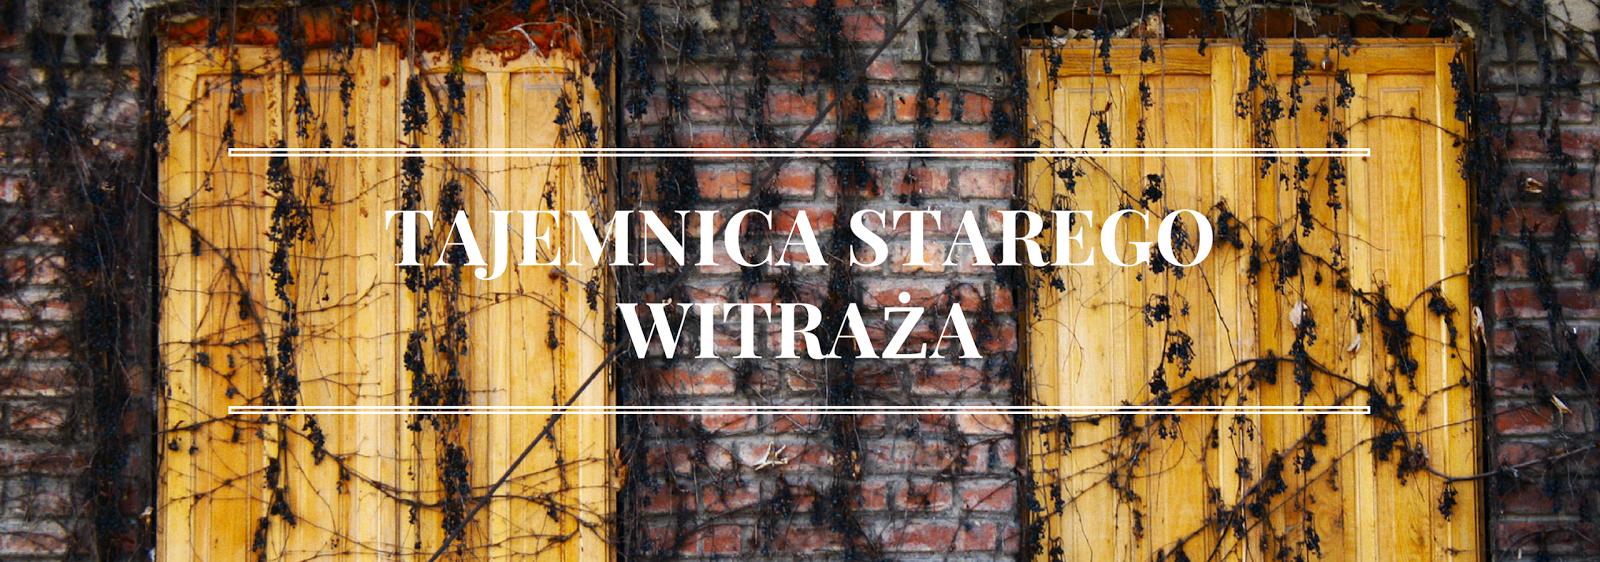 """[24] """"Tajemnica Starego witraża: Światło i mrok"""" Ewa Rosolska"""